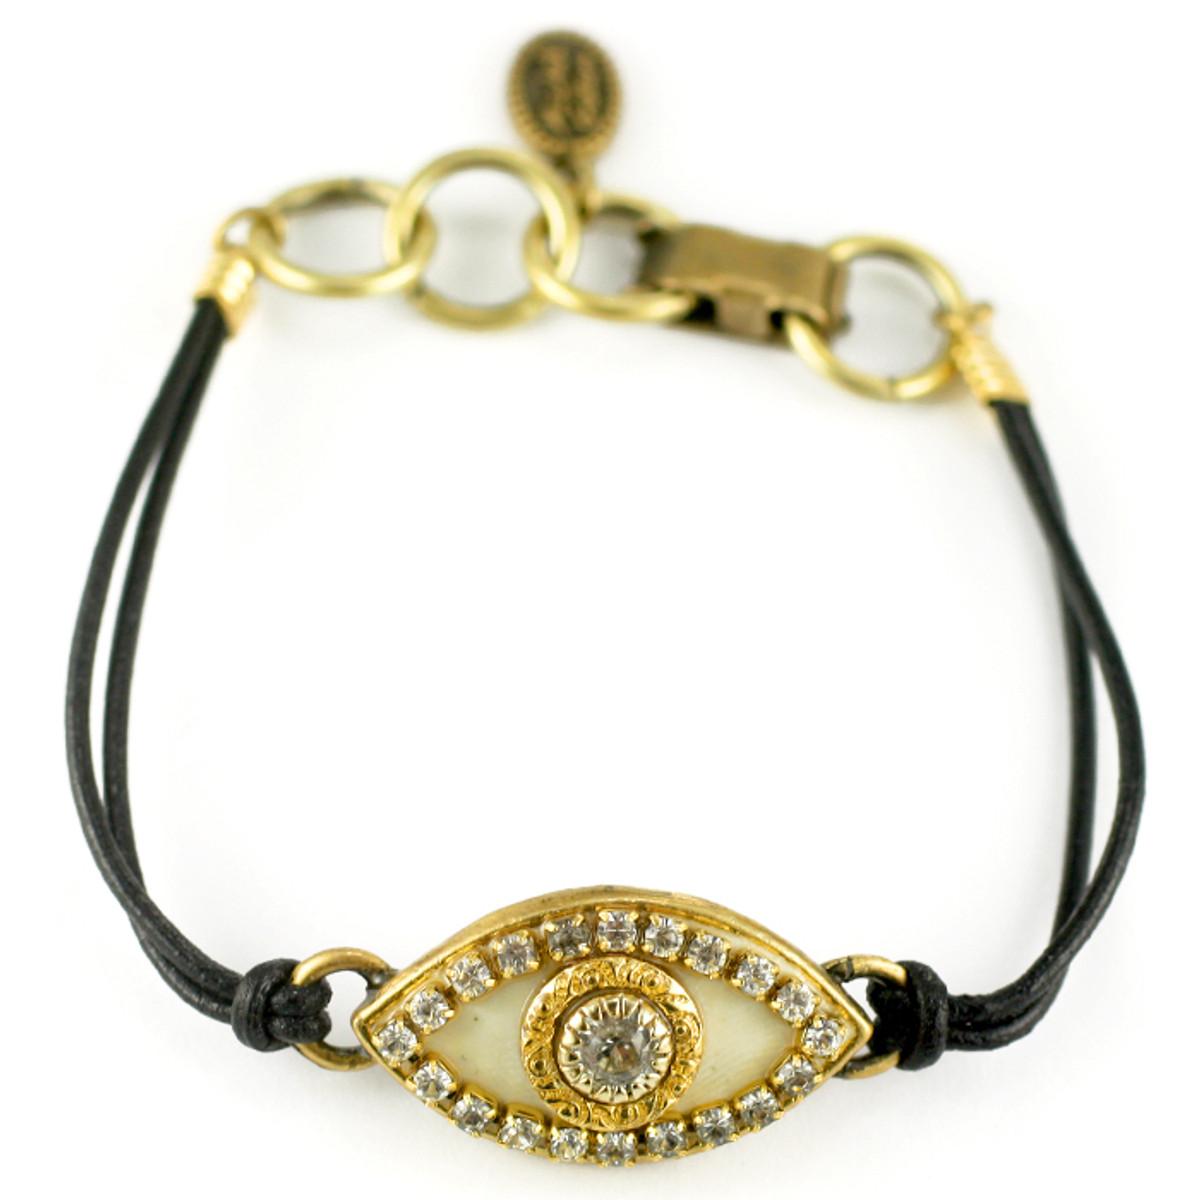 Evil Eye Bracelet From Michal Golan - Gold Eye